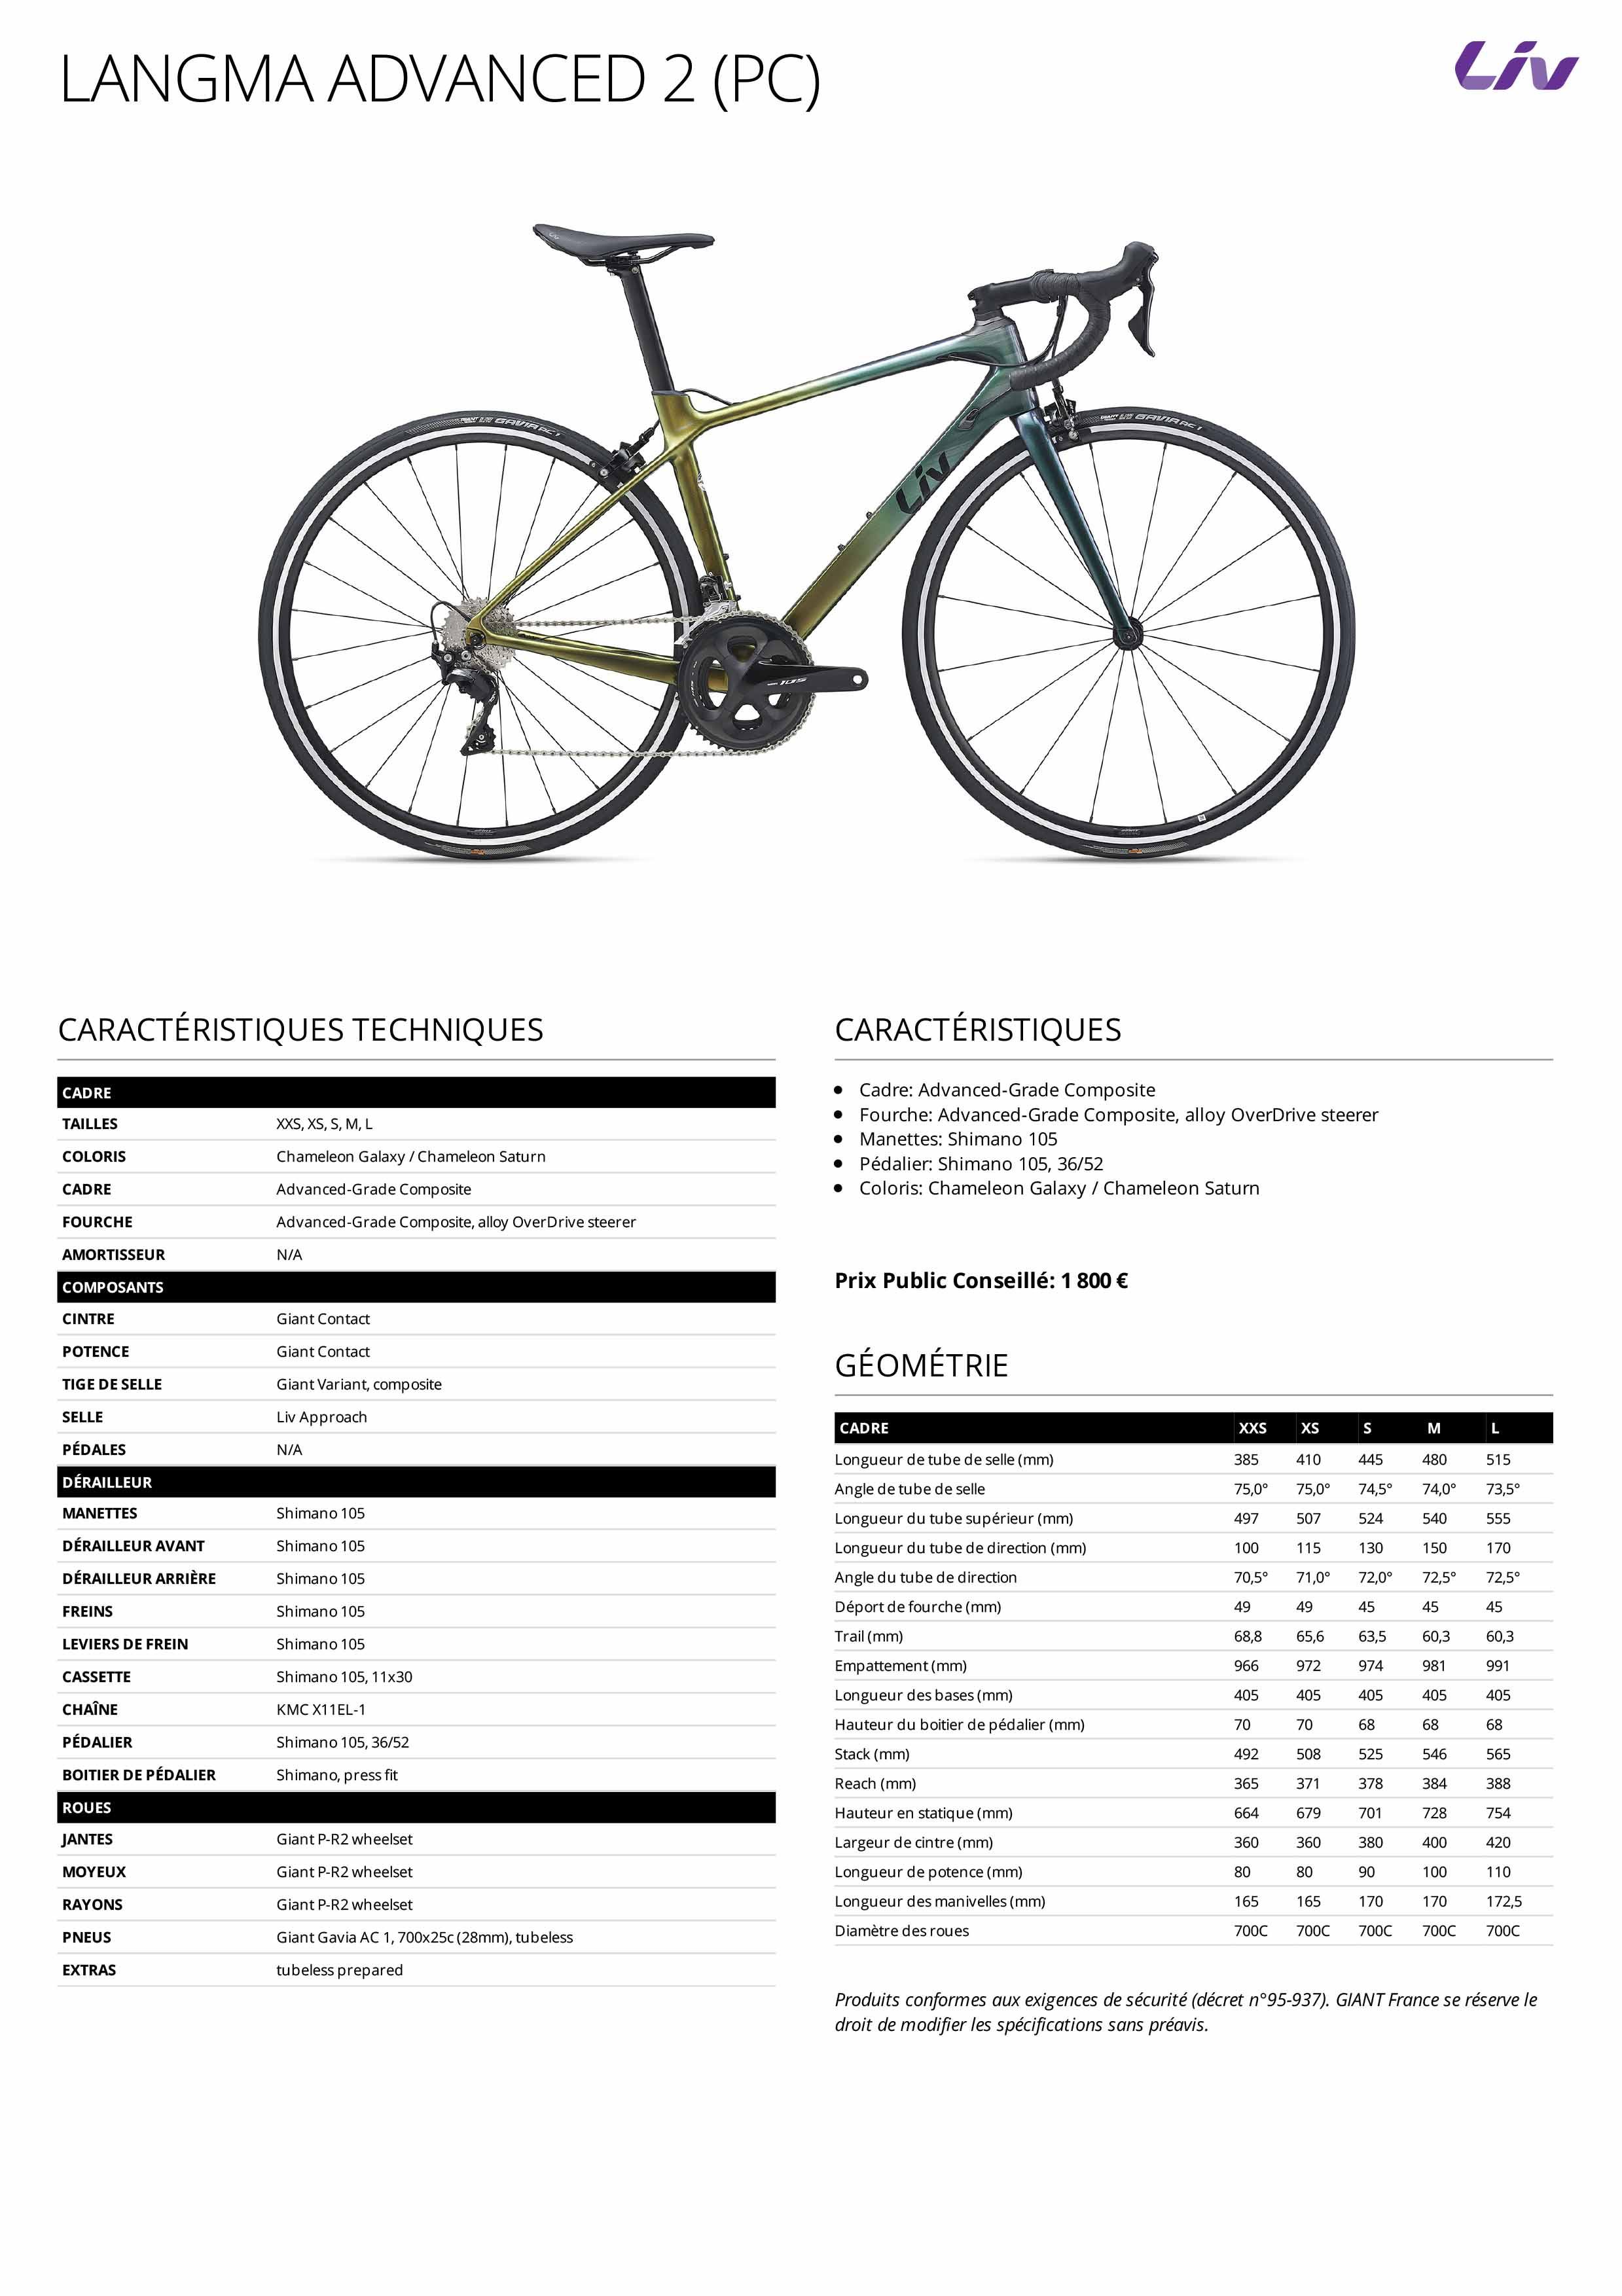 Fiche technique vélo LIV Langma Advanced 2 Pro Compact 2021